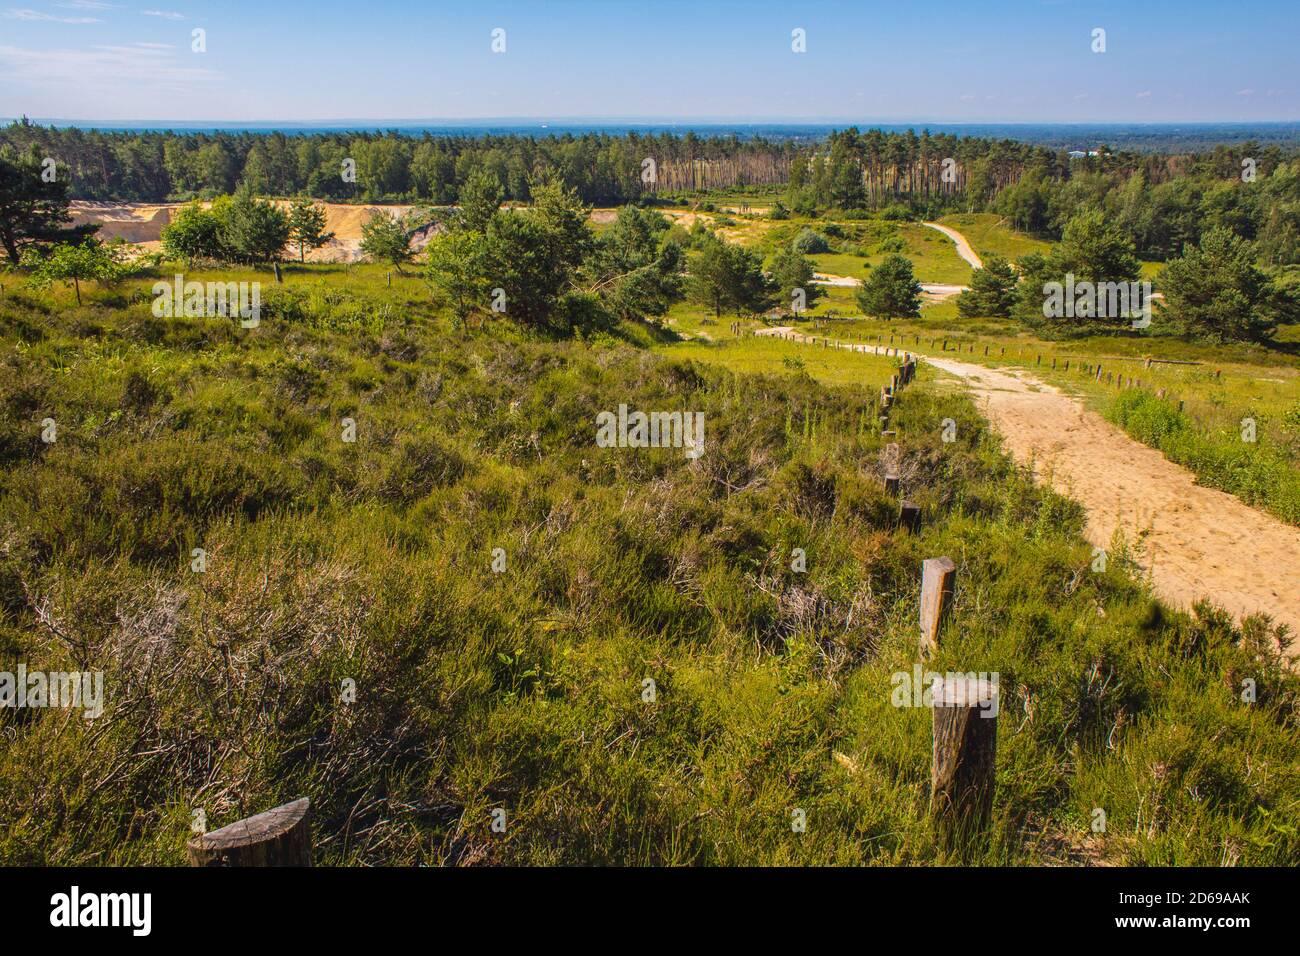 Parc naturel de Wistinghauser Senne près d'Oerlinghausen. C'est une zone de conservation de la nature située dans la forêt de Teutoburg, Rhénanie du Nord Westphalie, Allemagne Banque D'Images